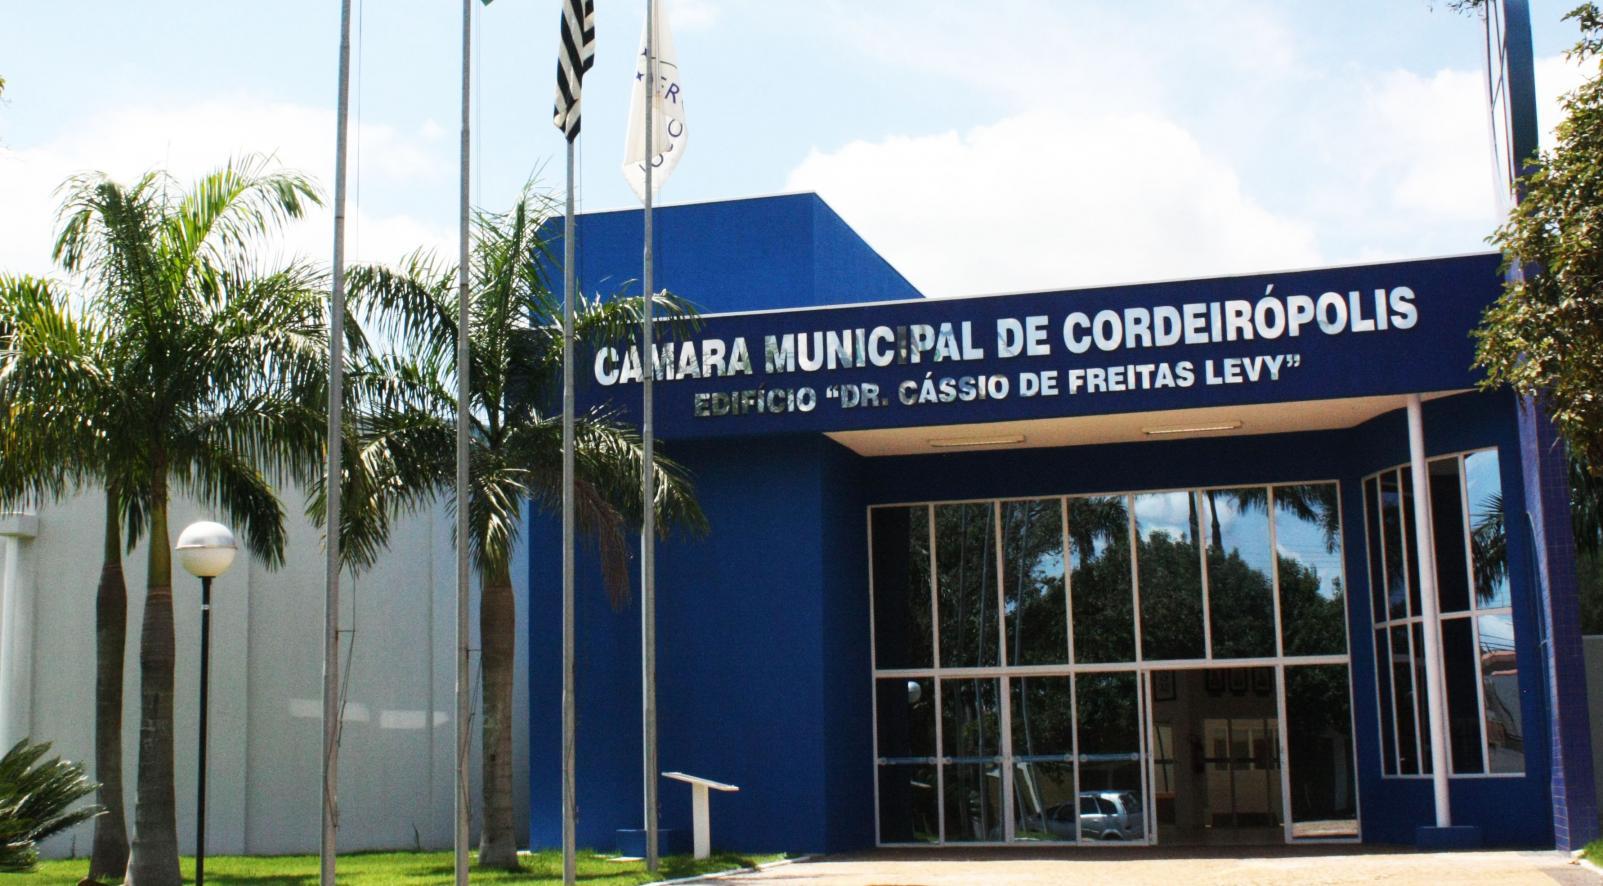 Câmara de Cordeirópolis não abrirá na segunda devido ao feriado antecipado